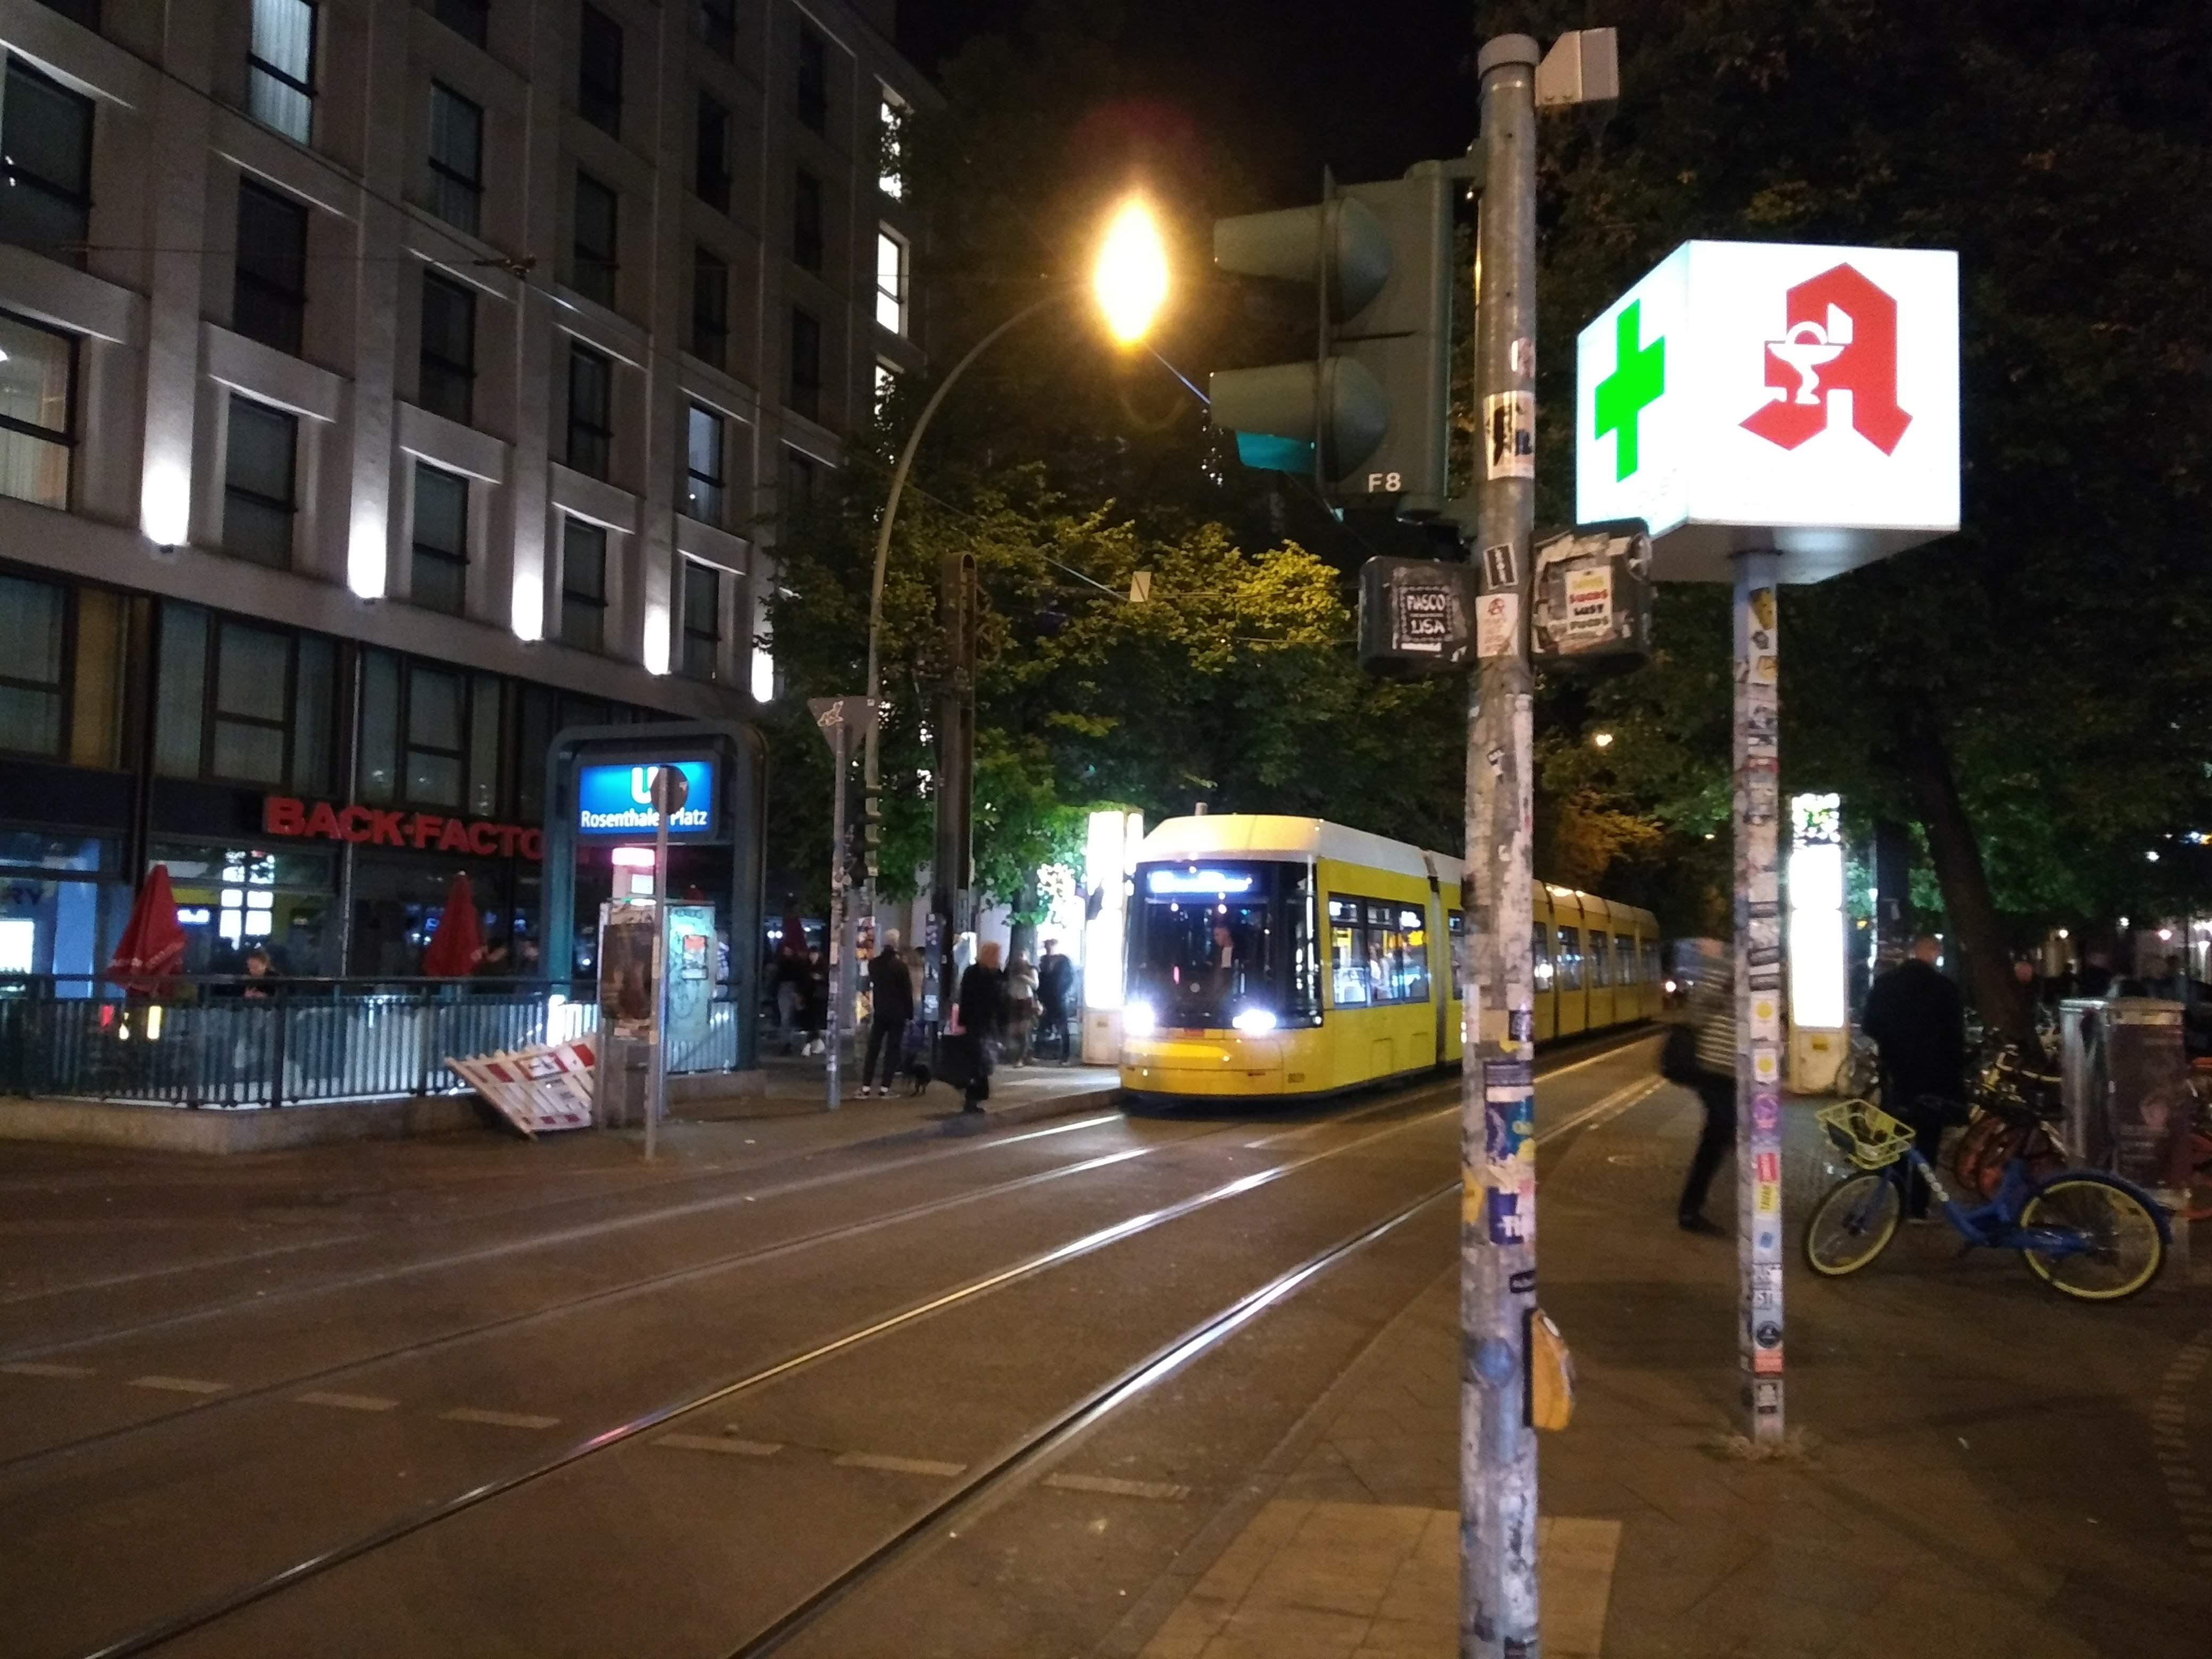 Strassenbahnen und Nachtleben in Berlin